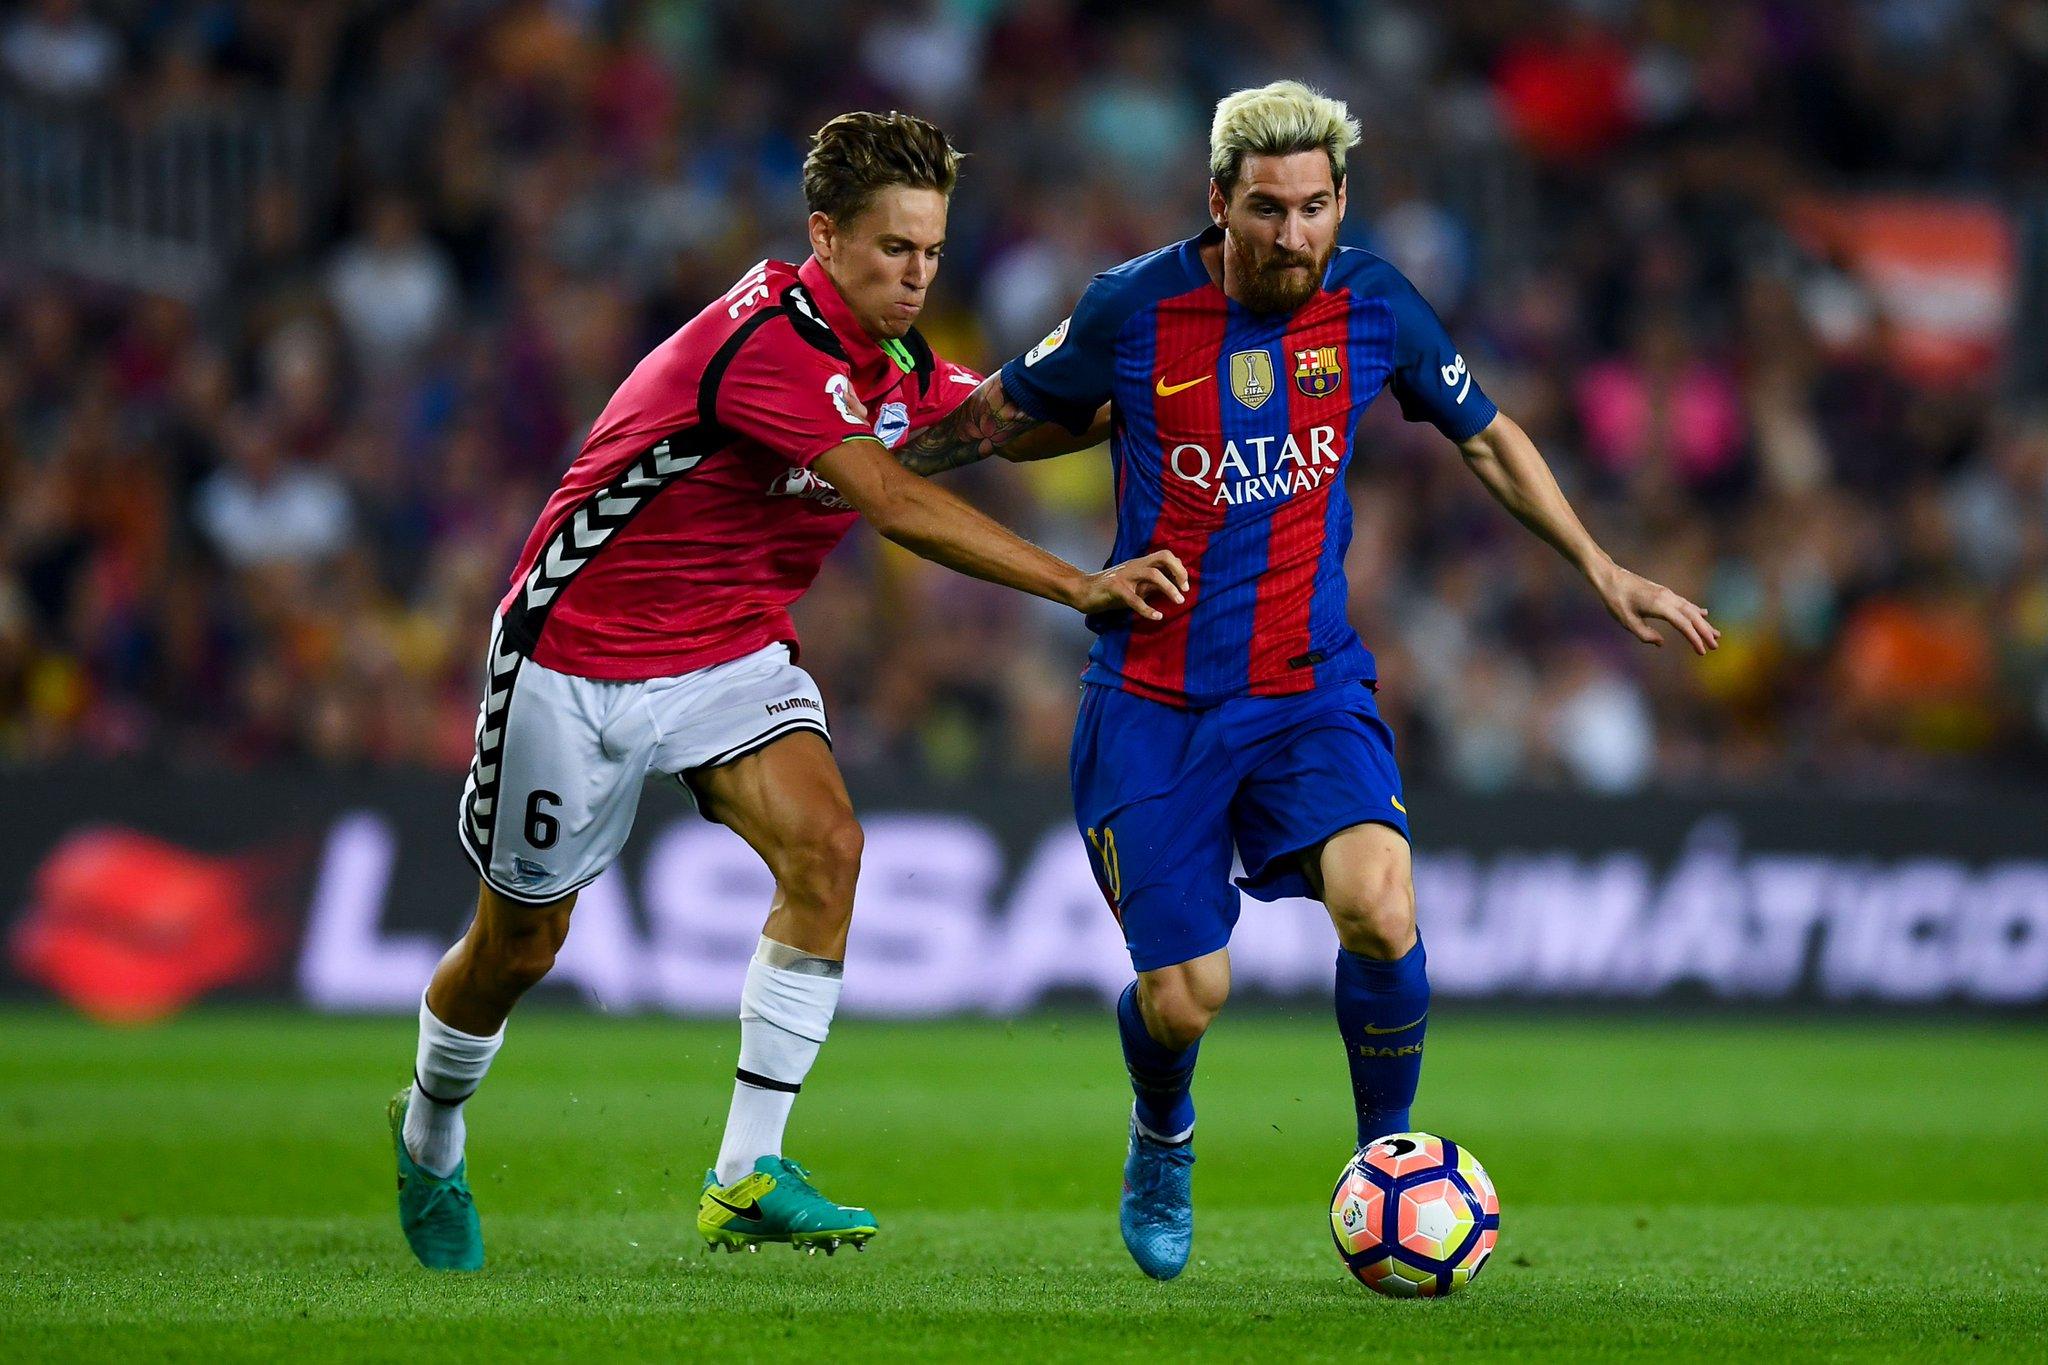 Sigue en Marcacom todas las noticias de la final de la Copa del Rey 2018 entre el Sevilla y el Barcelona que se disputará en el Wanda Metropolitano el próximo 21